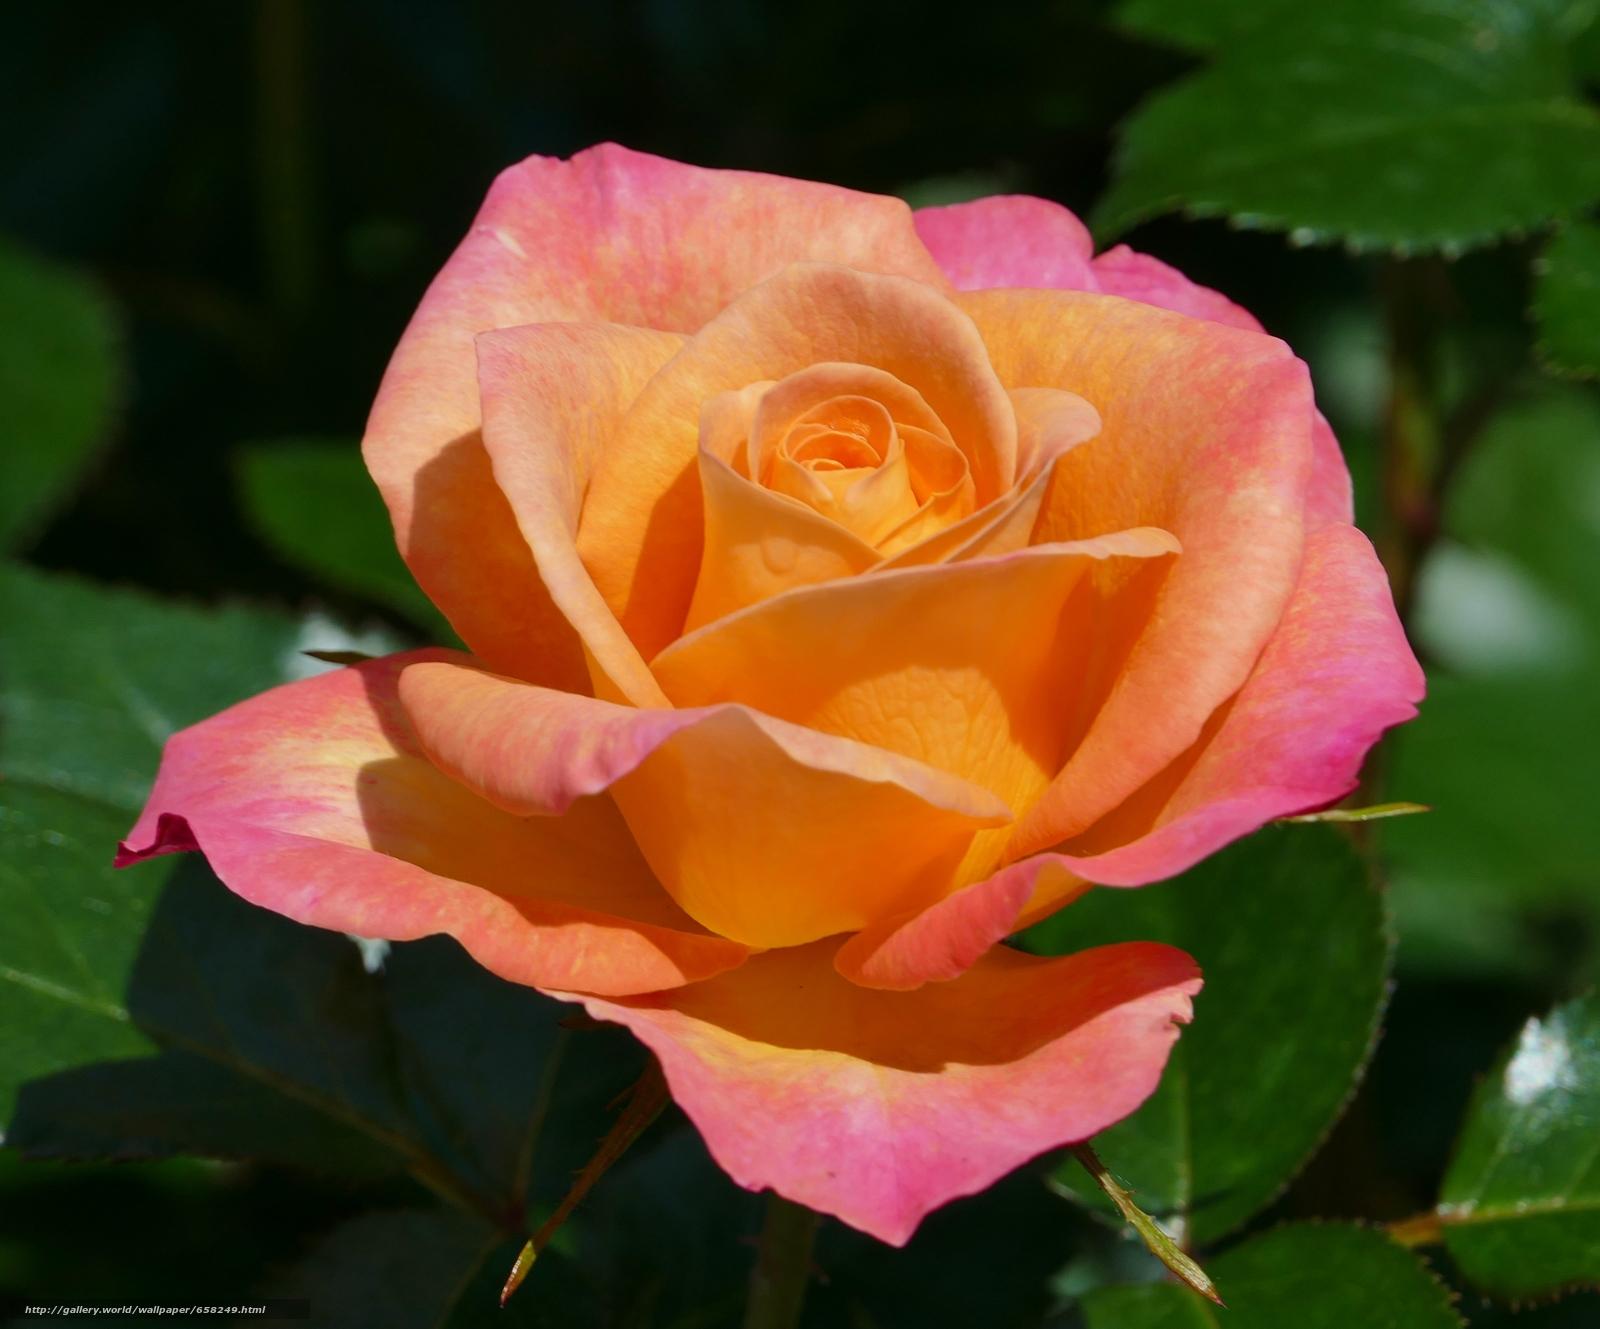 Скачать обои роза,  розы,  цветы,  флора бесплатно для рабочего стола в разрешении 3648x3031 — картинка №658249